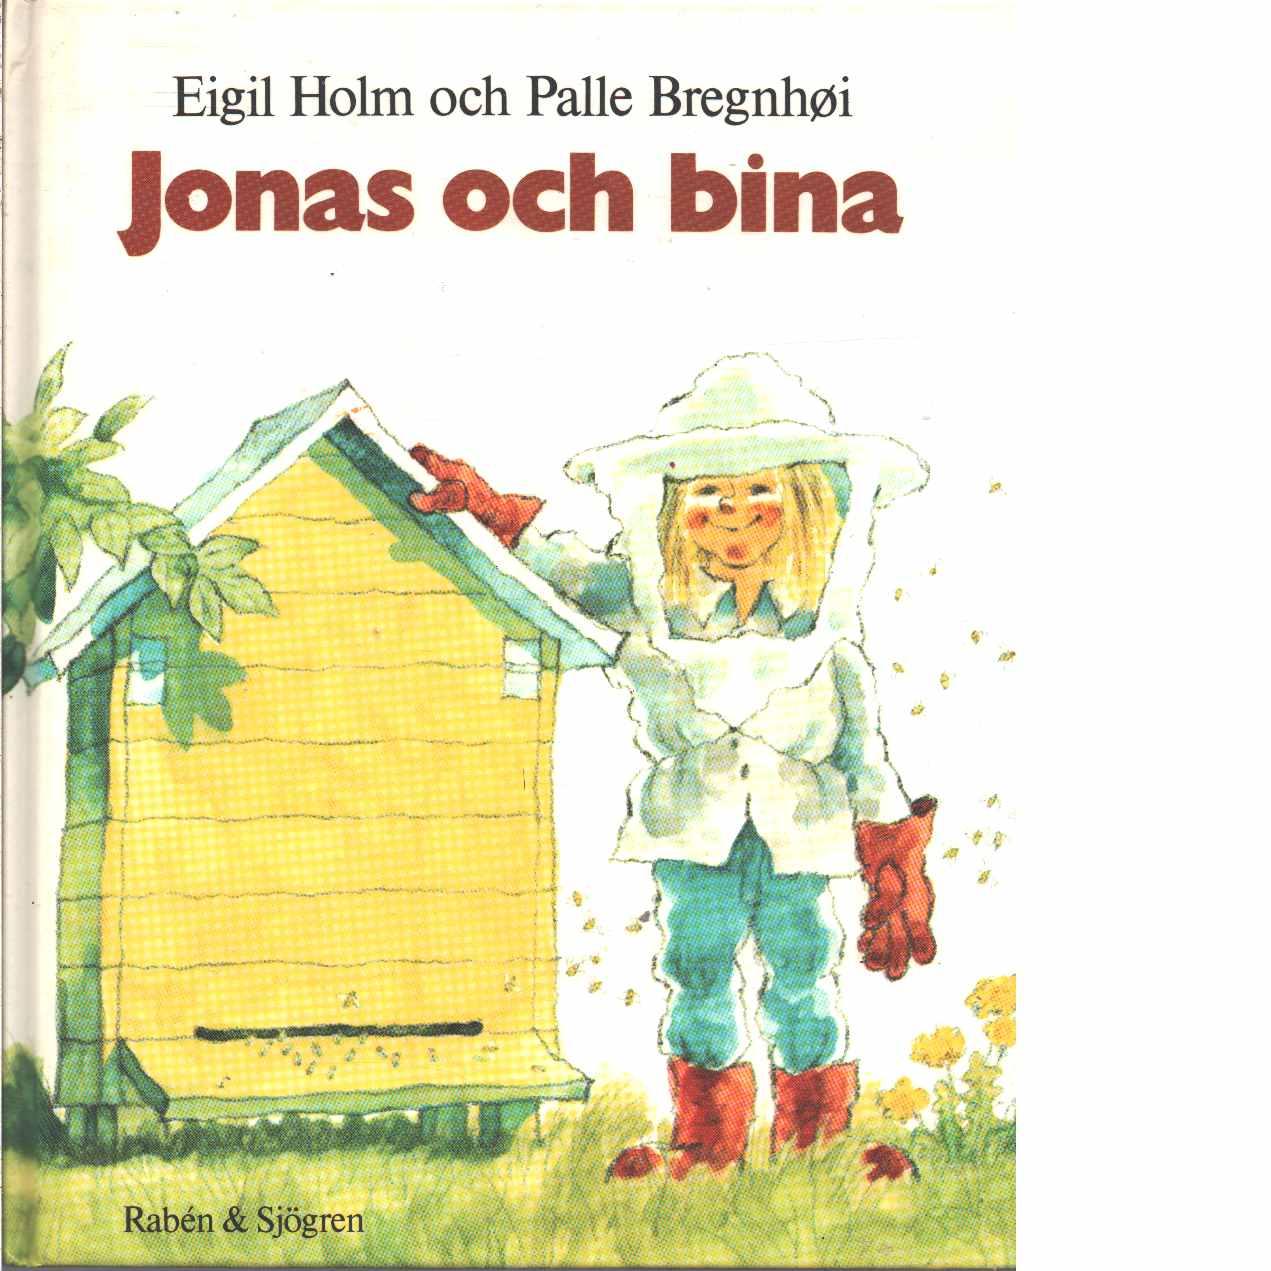 Jonas och bina - Holm, Eigil  och Bregnhøi, Palle